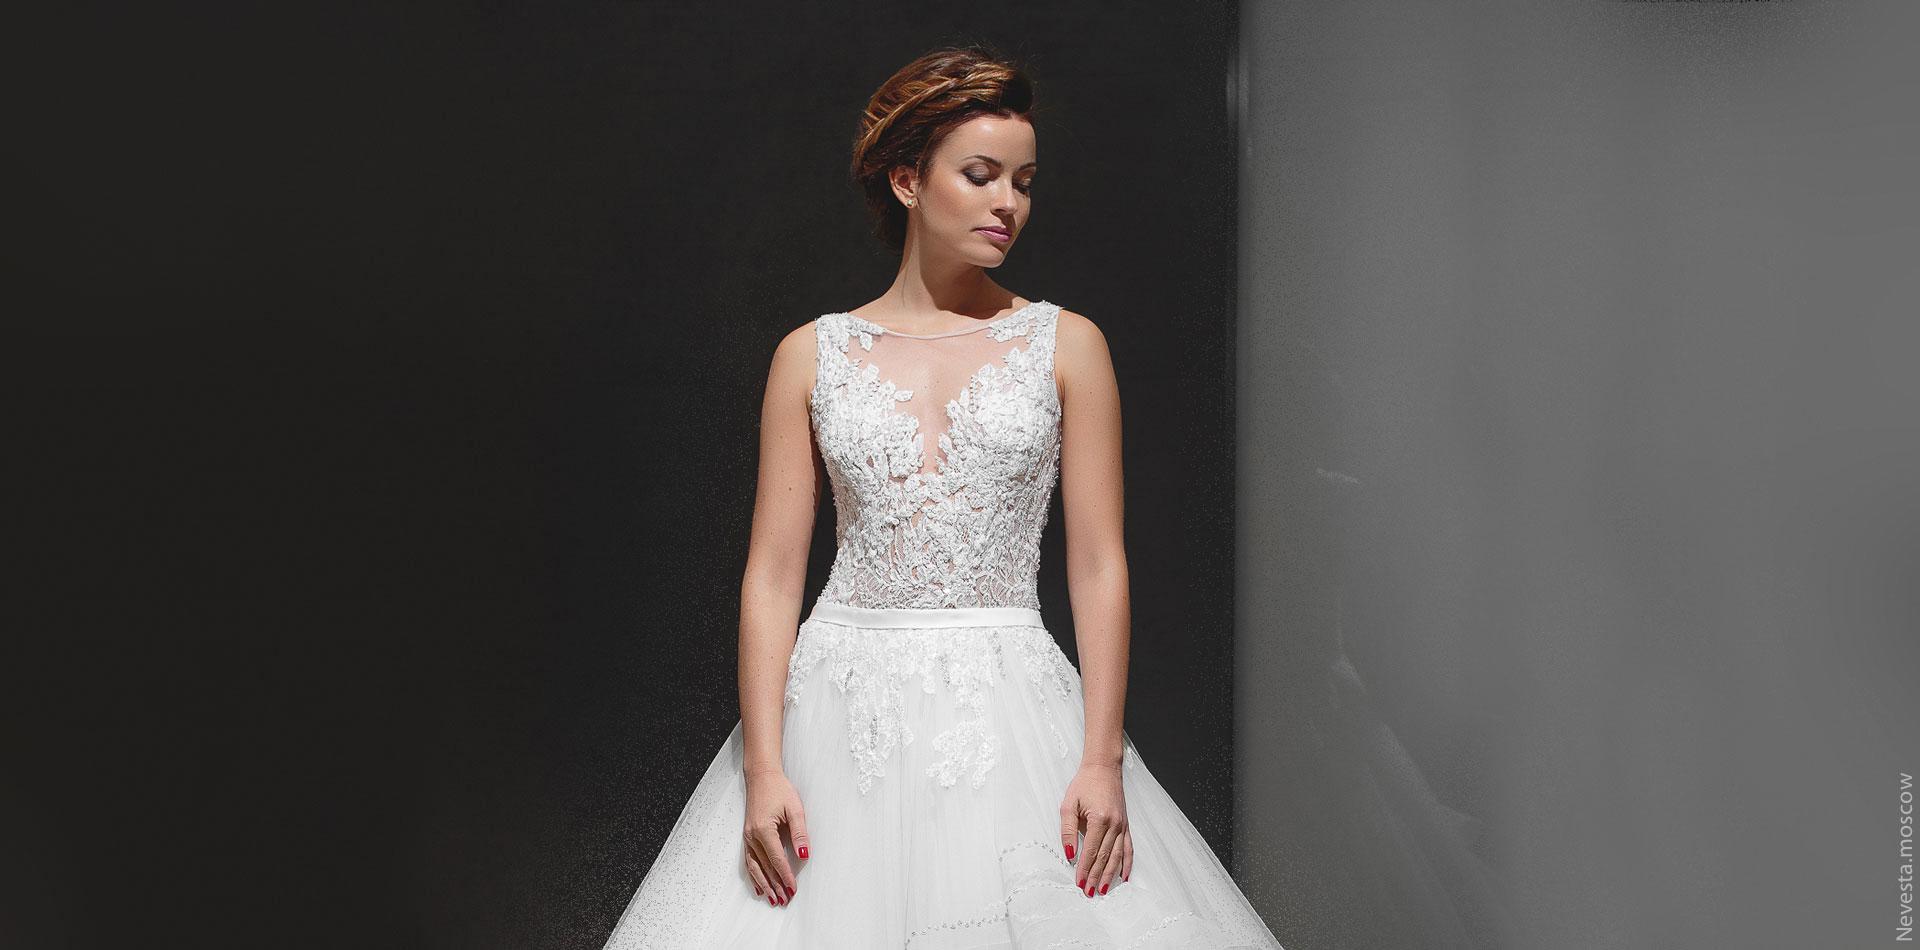 Актриса Ольга Зайцева примеряет образ для свадьбы в Альпах фото 6